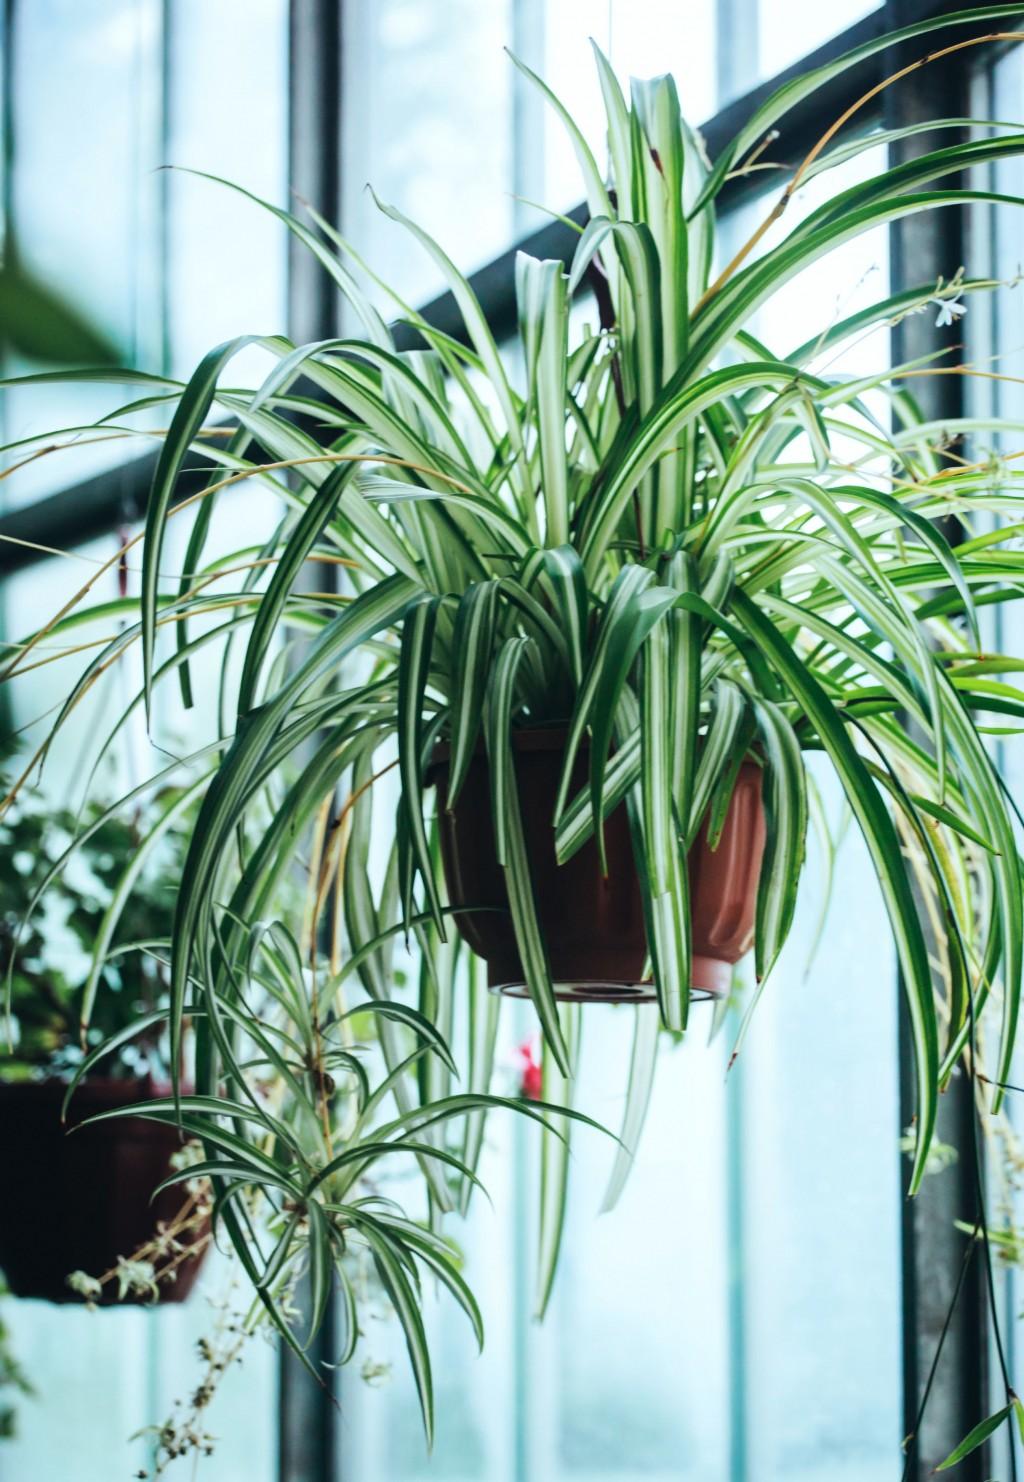 Comment Suspendre Un Plateau Au Plafond plantes suspendues pour une décoration tendance.le mag